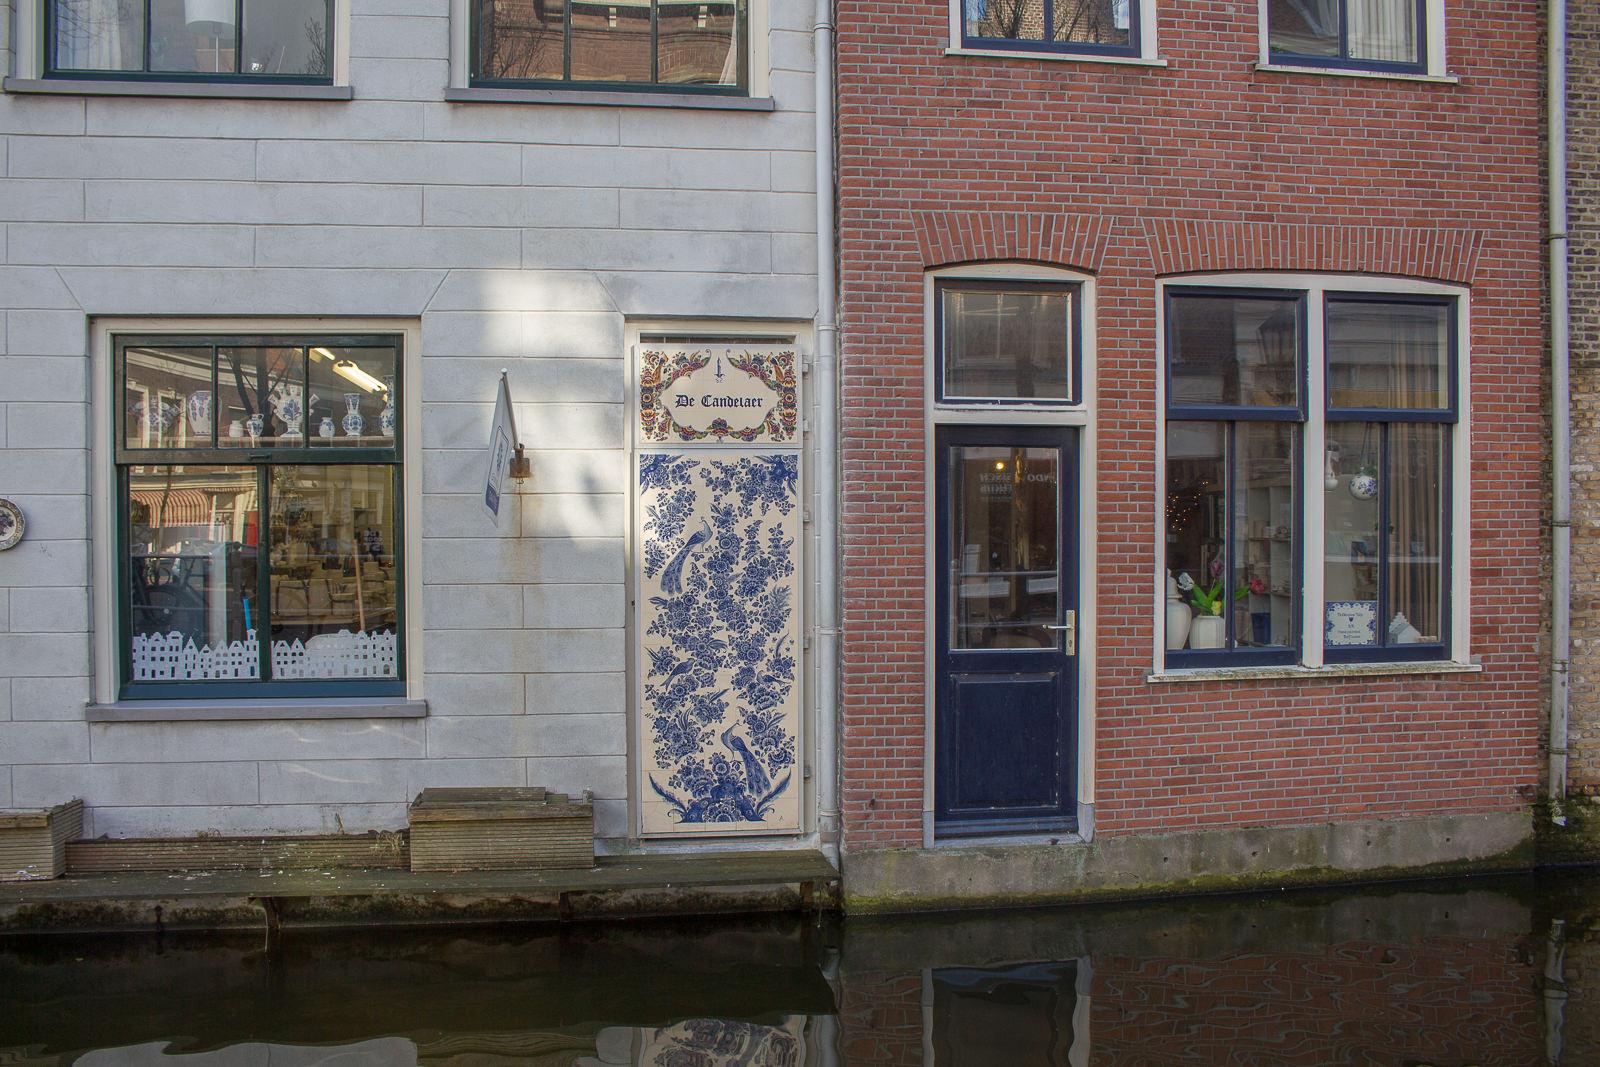 delft, südholland, holland, niederlande, städtetrip, sightseeing, Delfter Blau